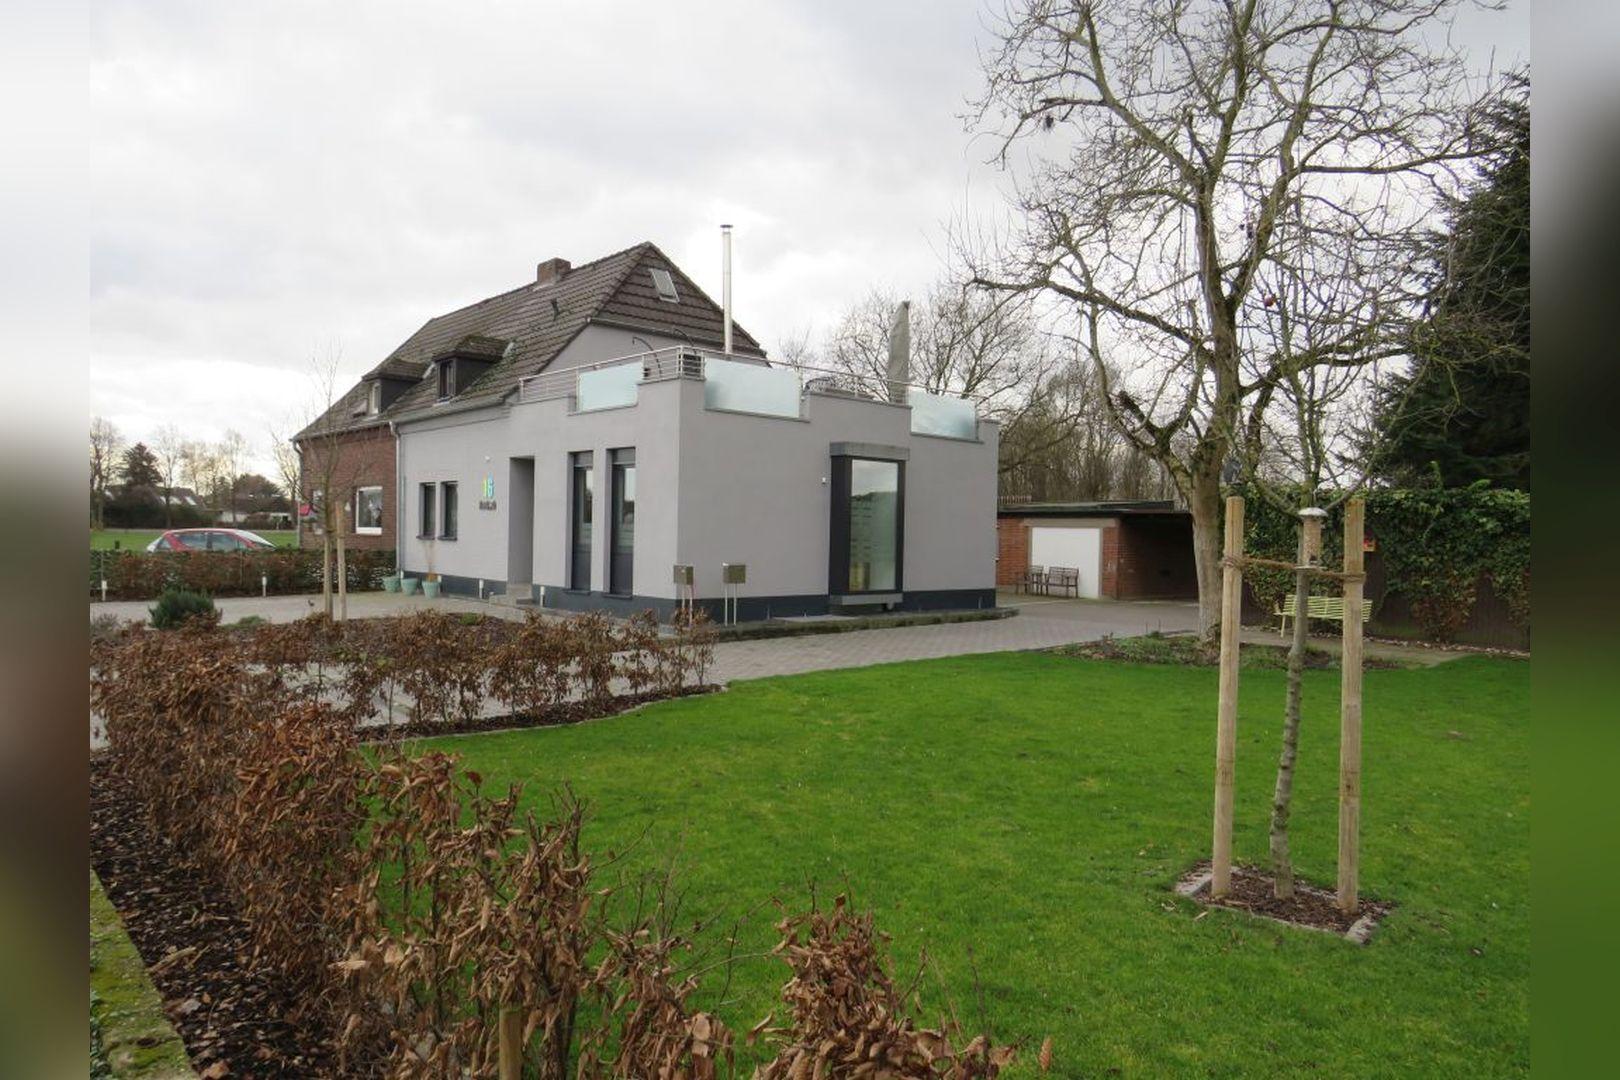 Immobilie Nr.0248 - Doppelhaushälfte mit eingeschossigem Anbau, Garten & Dachterrasse - Bild 15.jpg